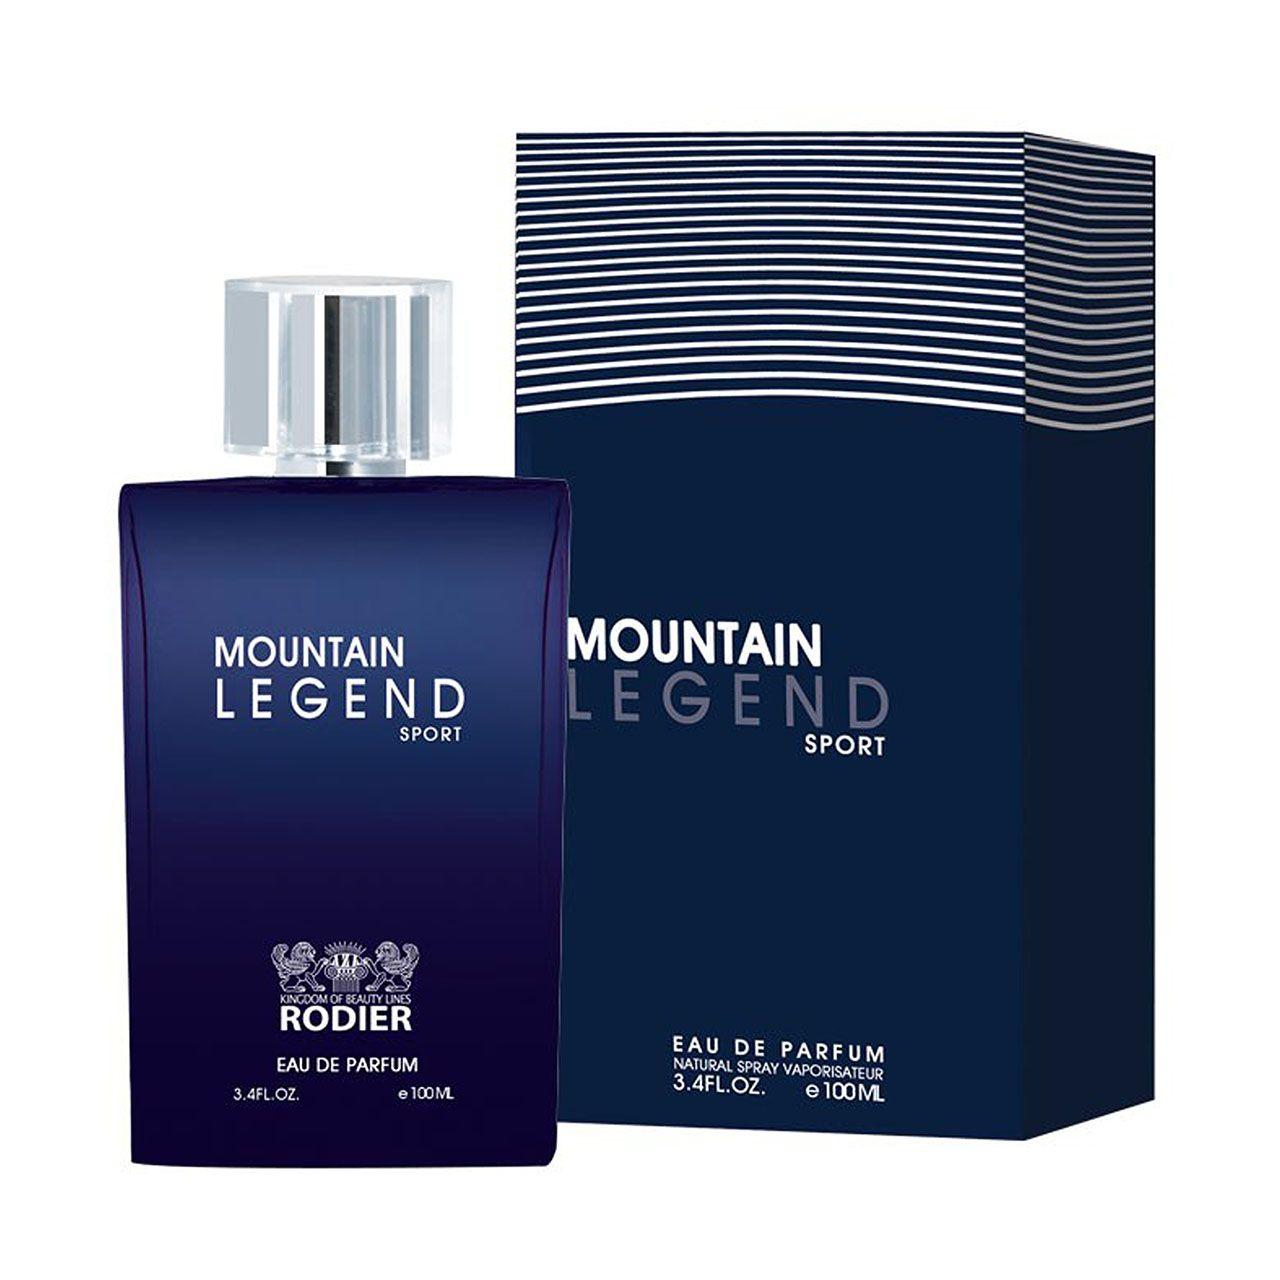 ادو پرفیوم مردانه رودیر مدل Mountain Legend حجم 100 میلی لیتر main 1 1